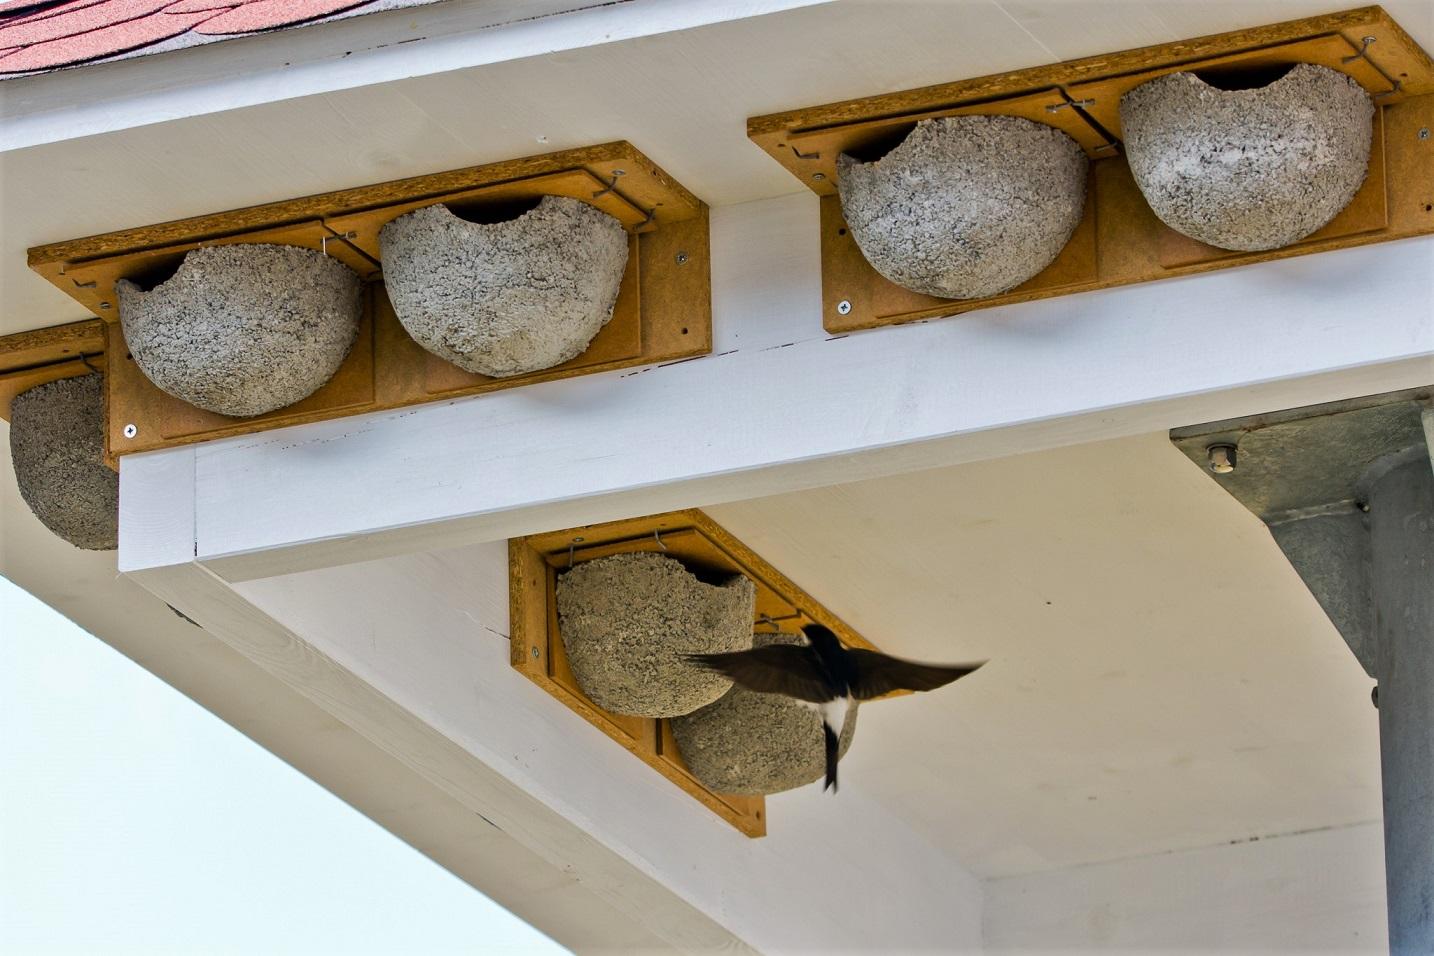 Zu unserer großen Freude wurden im Frühjahr 2019 erste Nester inspiziert und angenommen.